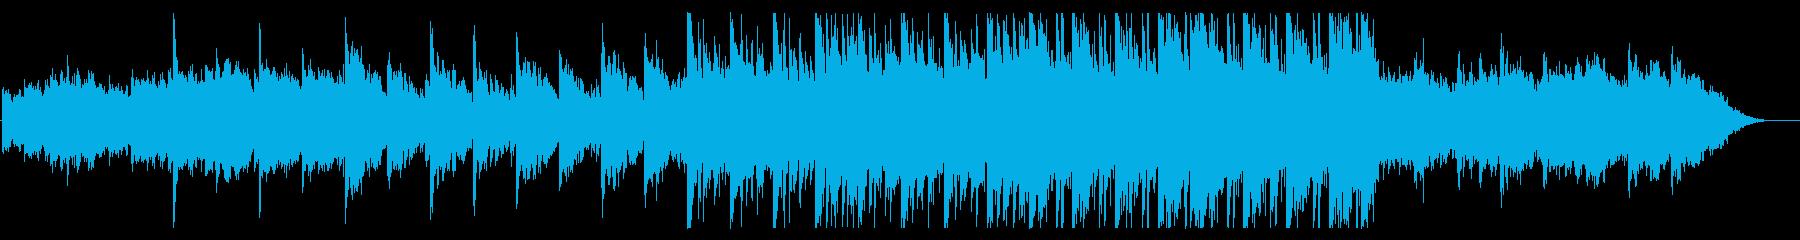 高揚感躍動感あふれるテクノロジー系アンビの再生済みの波形